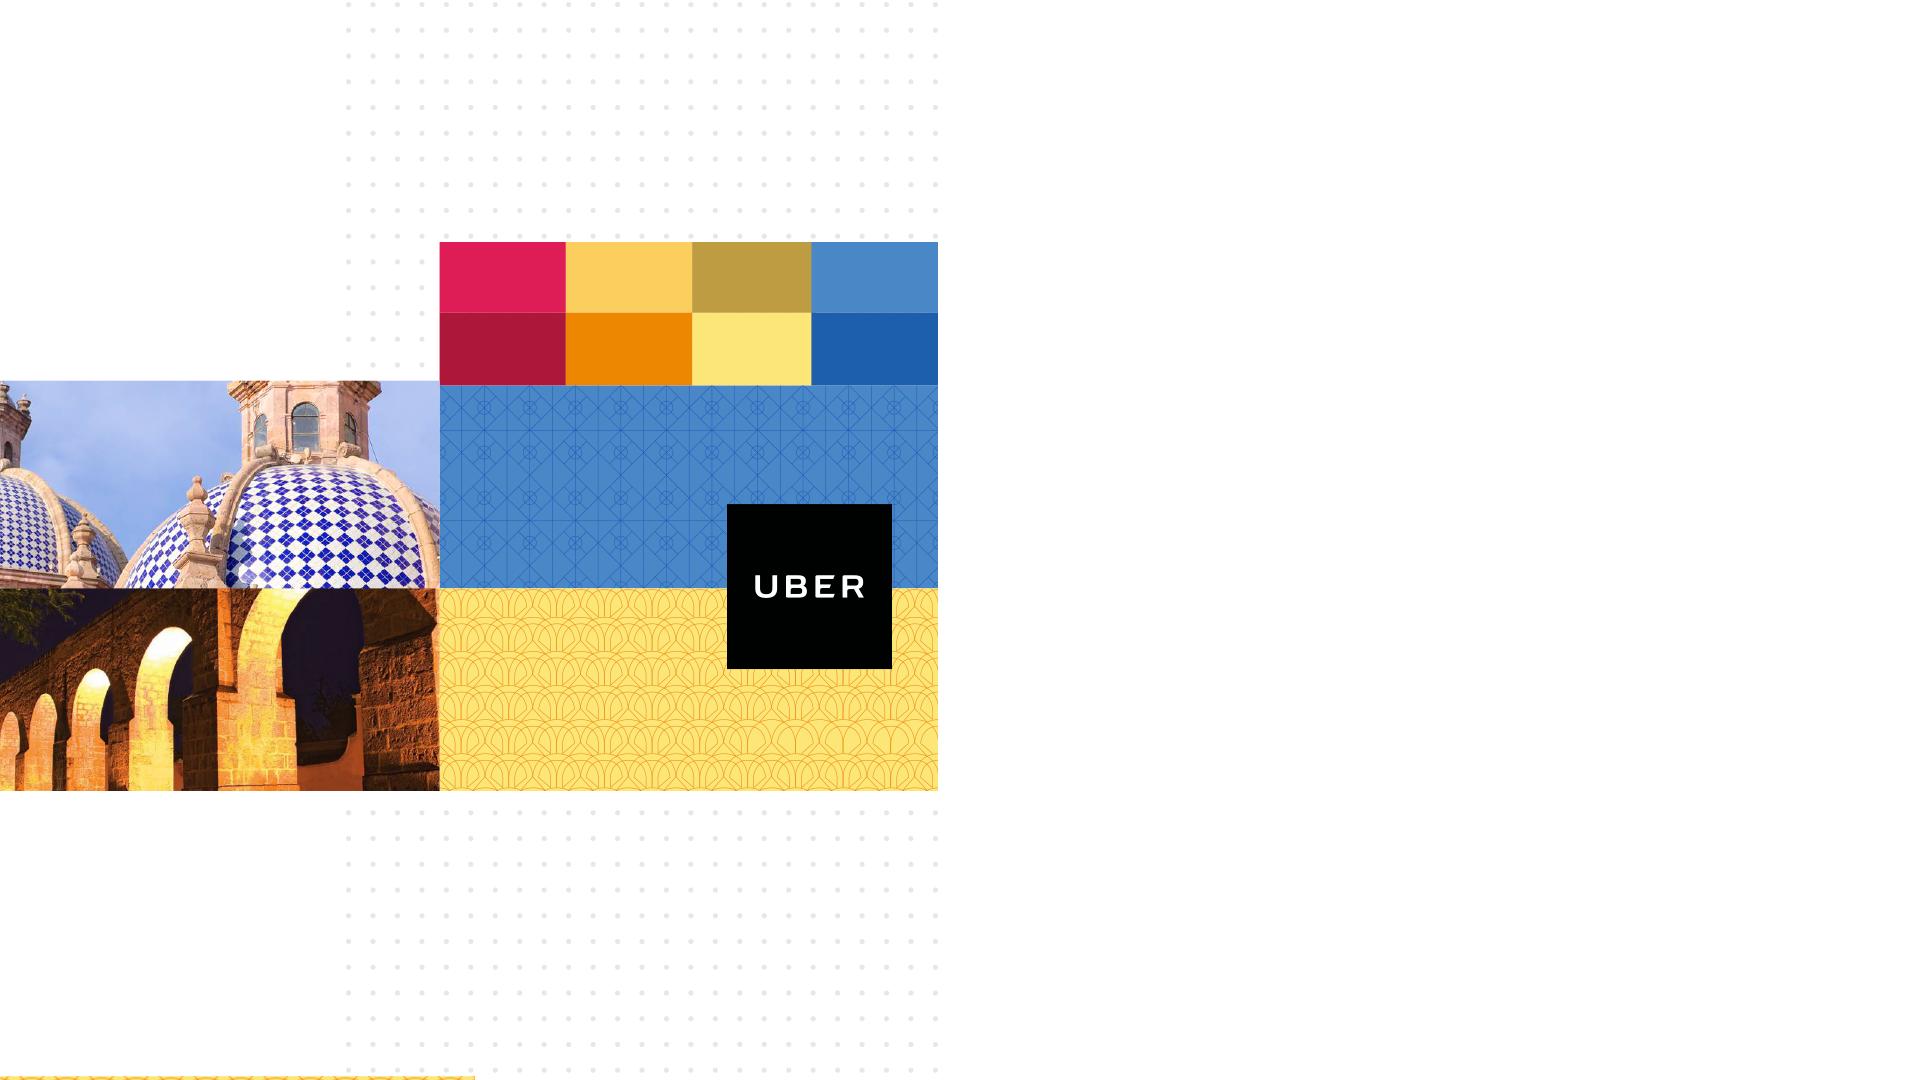 uber_morelia_01.png